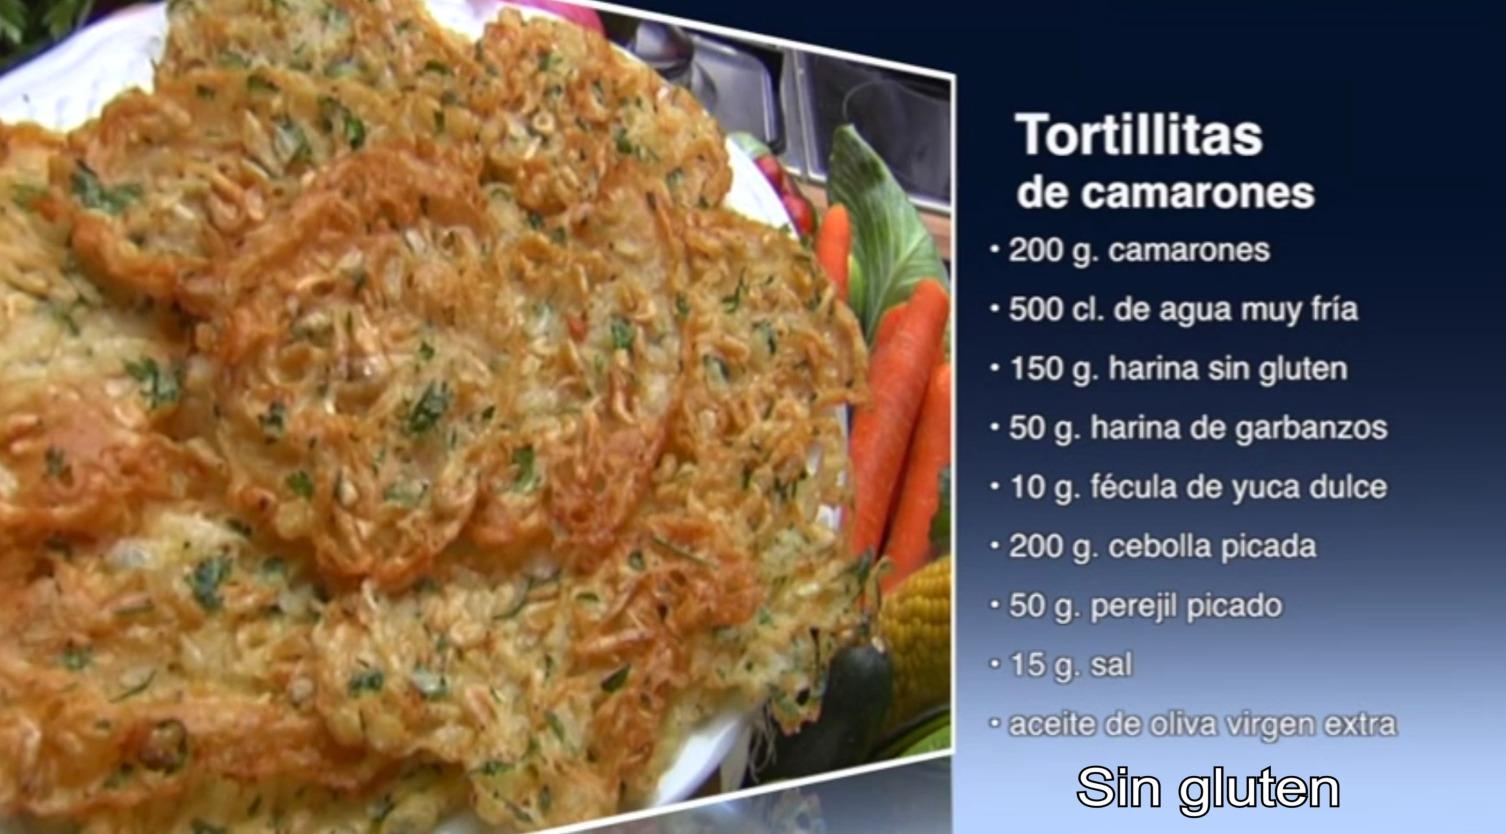 tortillitas-de-camarones-sin-gluten-en-el-restaurante-sociedad-plateros-maria-auxiliadora